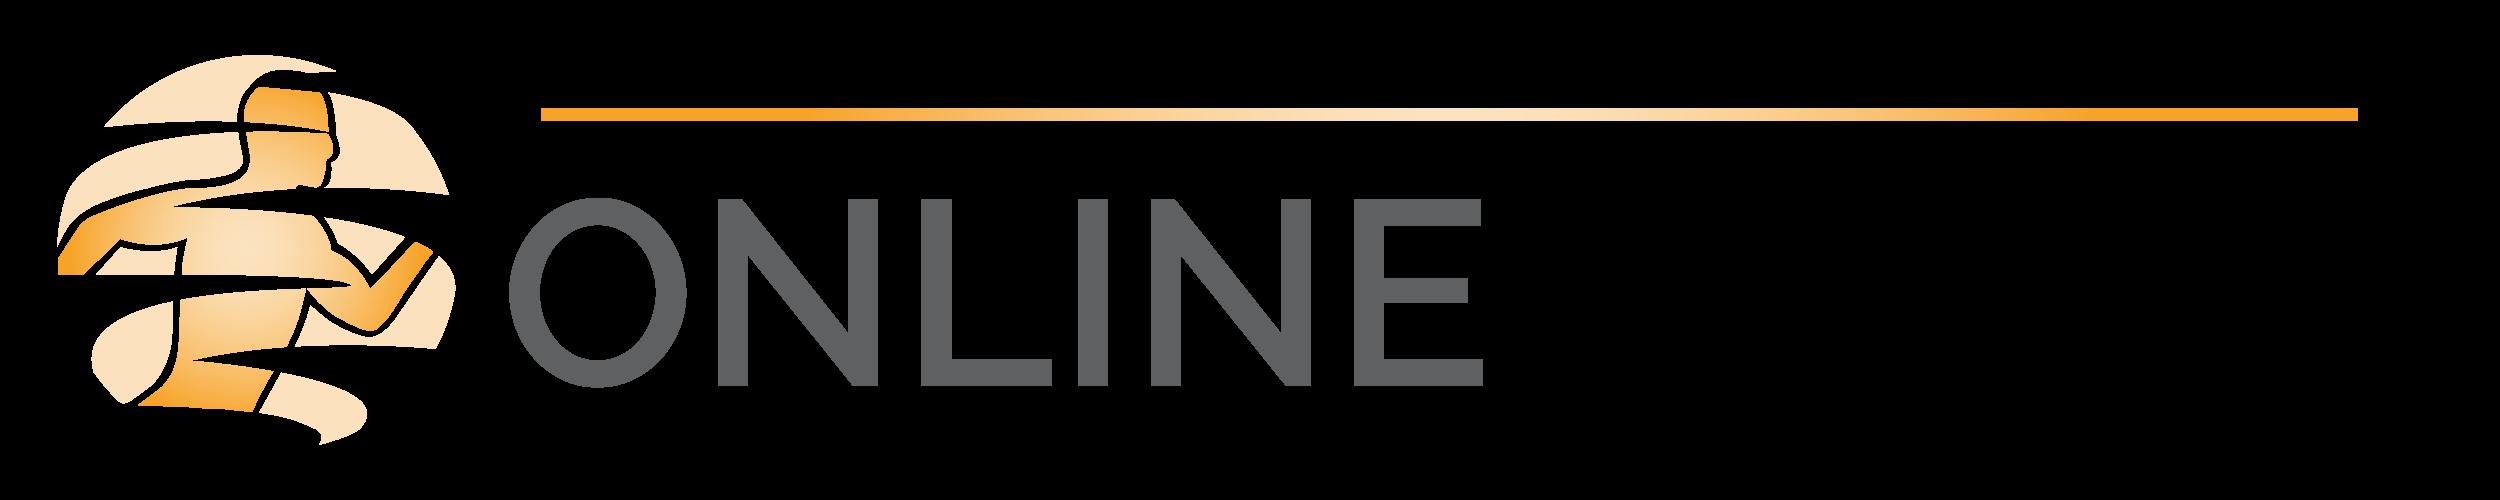 OnlineChiro.com | Online Chiro